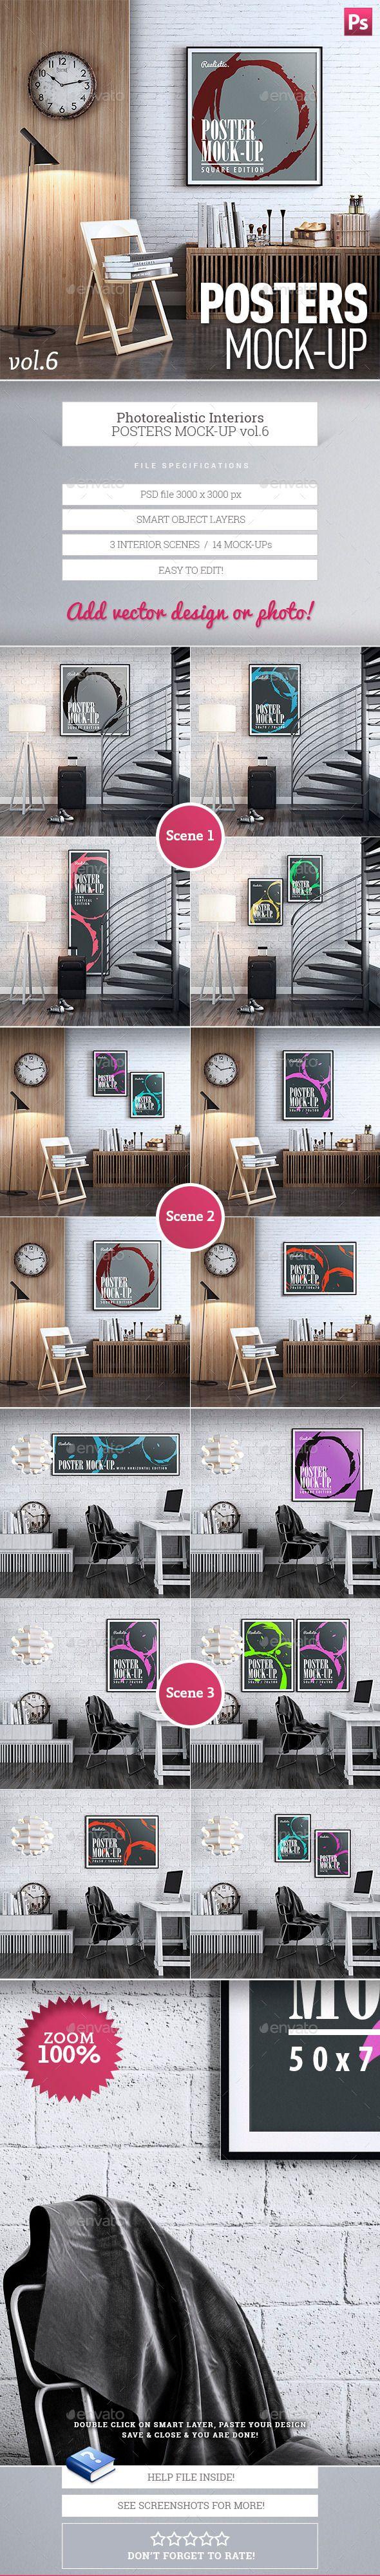 6 poster design photo mockups - Posters Mock Up Vol 6